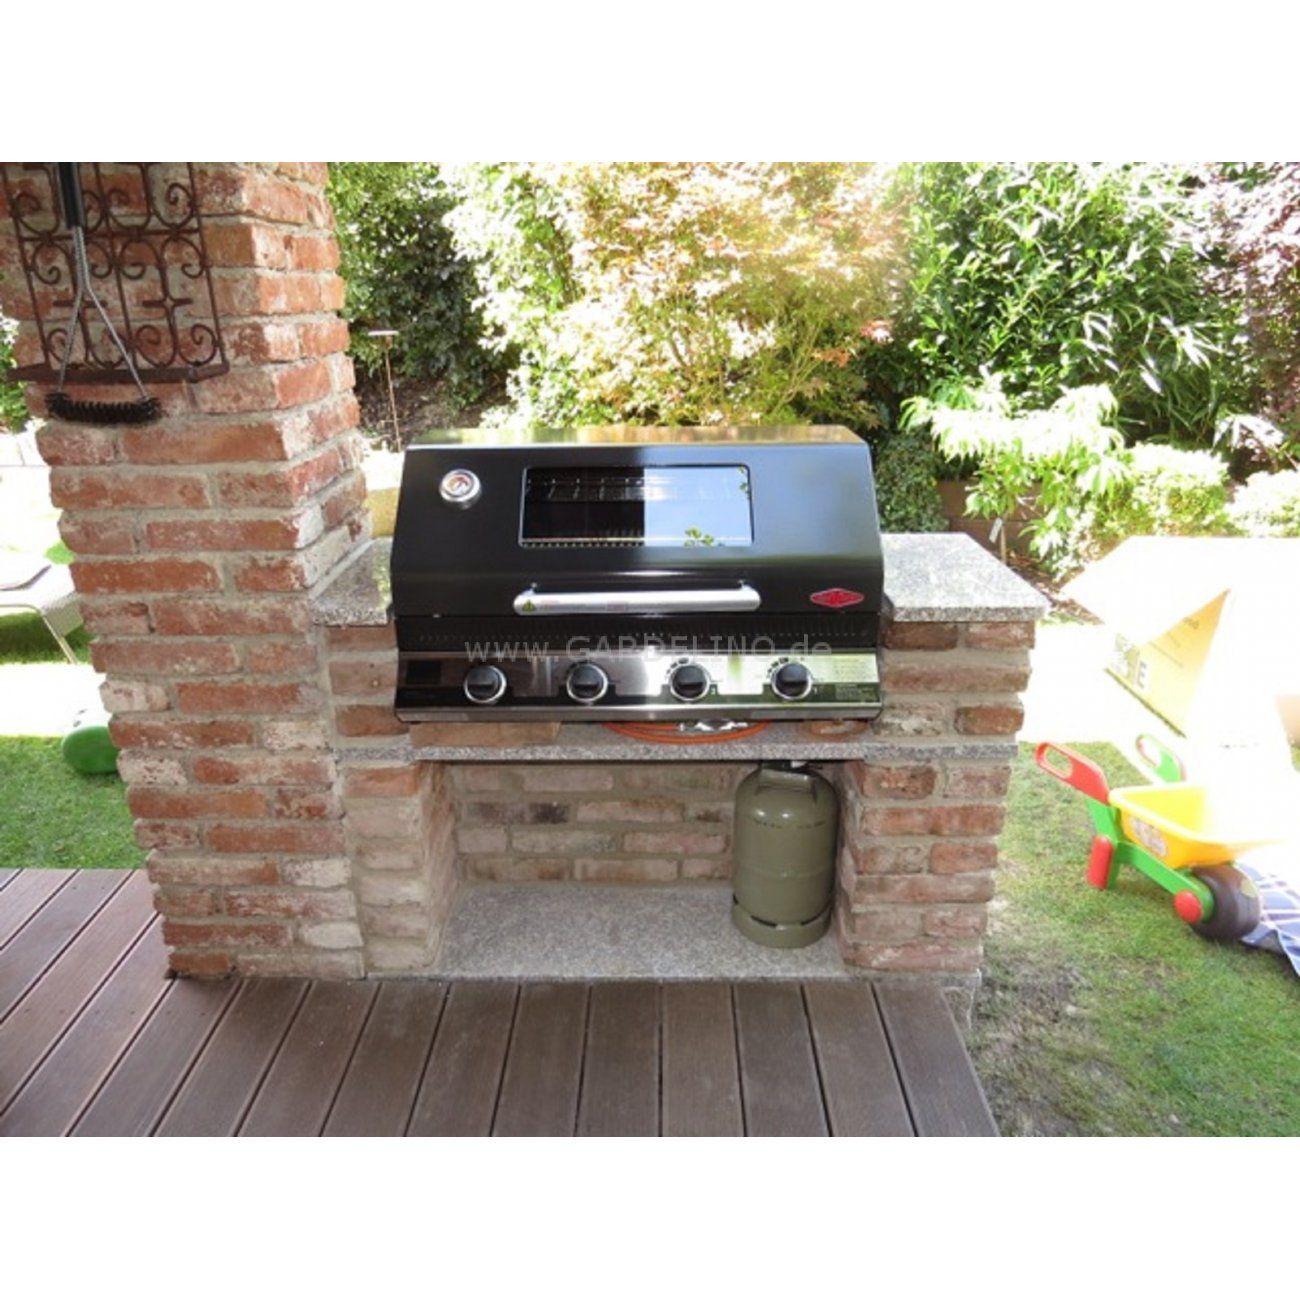 einfache grillstation aus stein mit beefeater einbau grill// simple